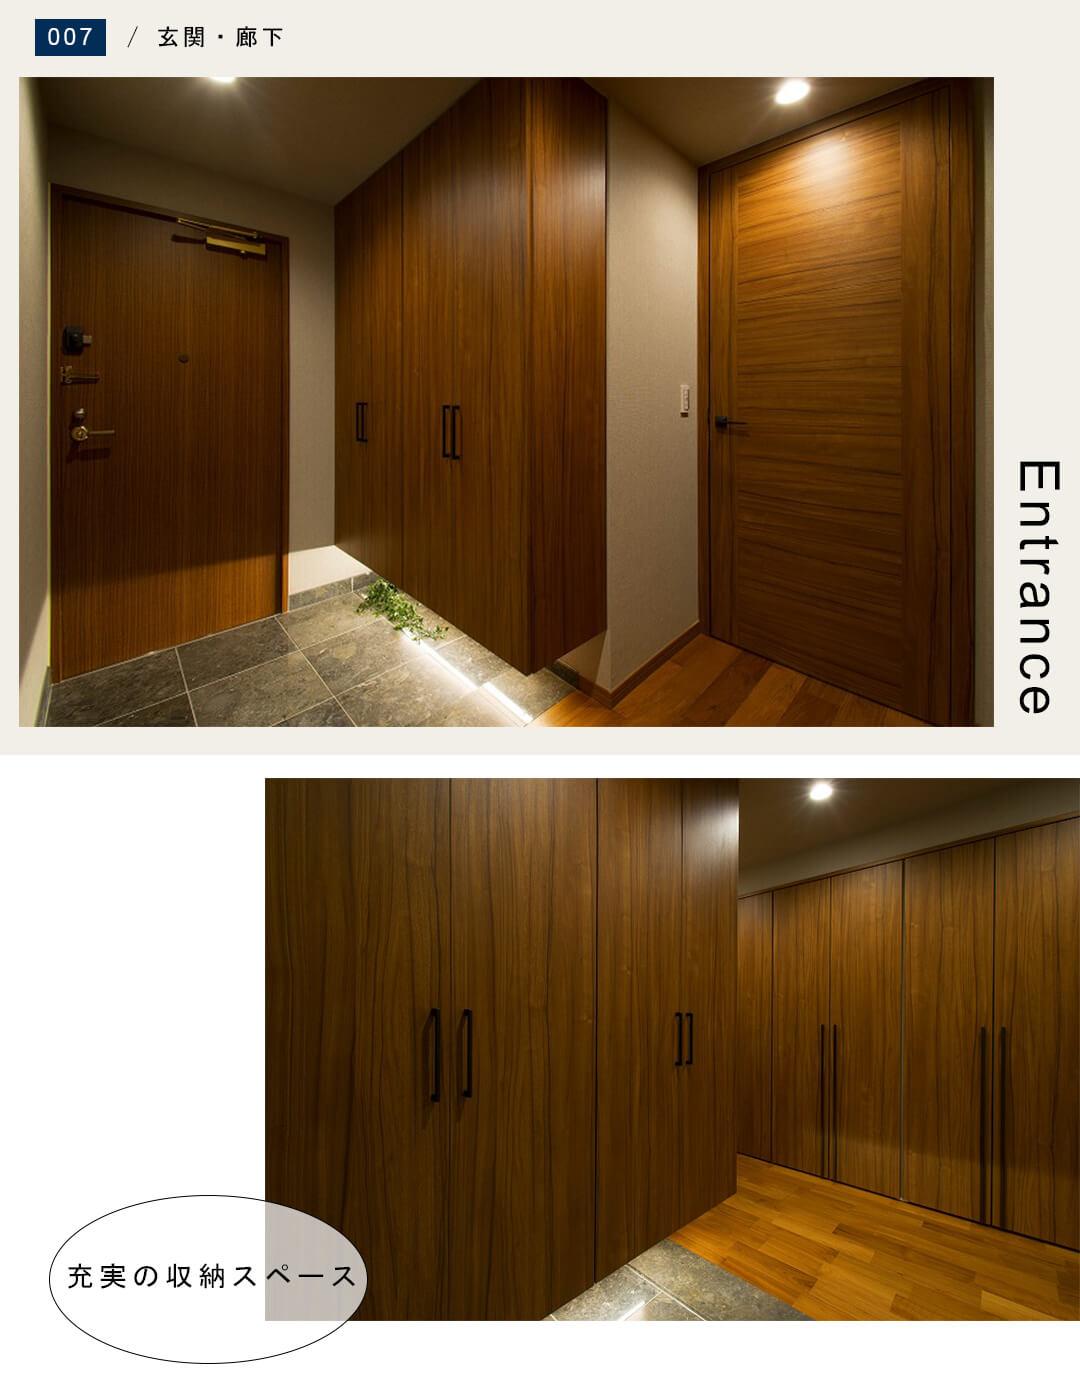 幡ヶ谷ハイムグランシスの玄関と廊下